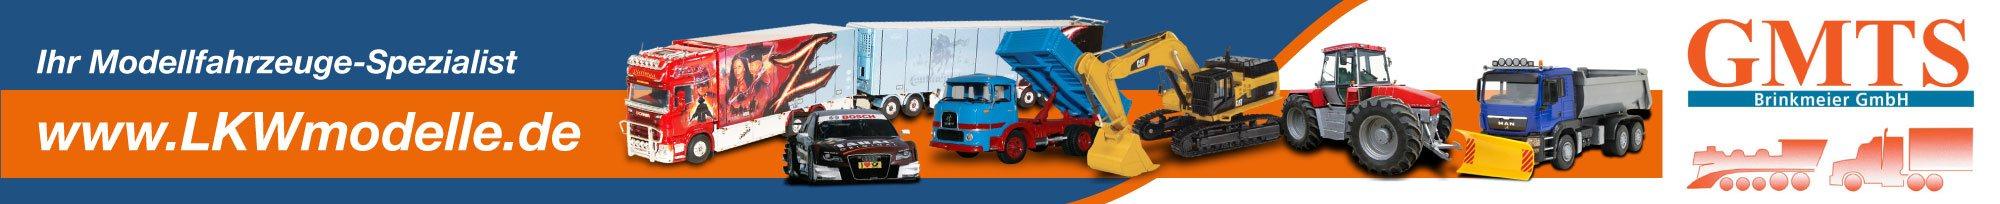 GMTS - Ihr Modellfahrzeuge-Spezialist